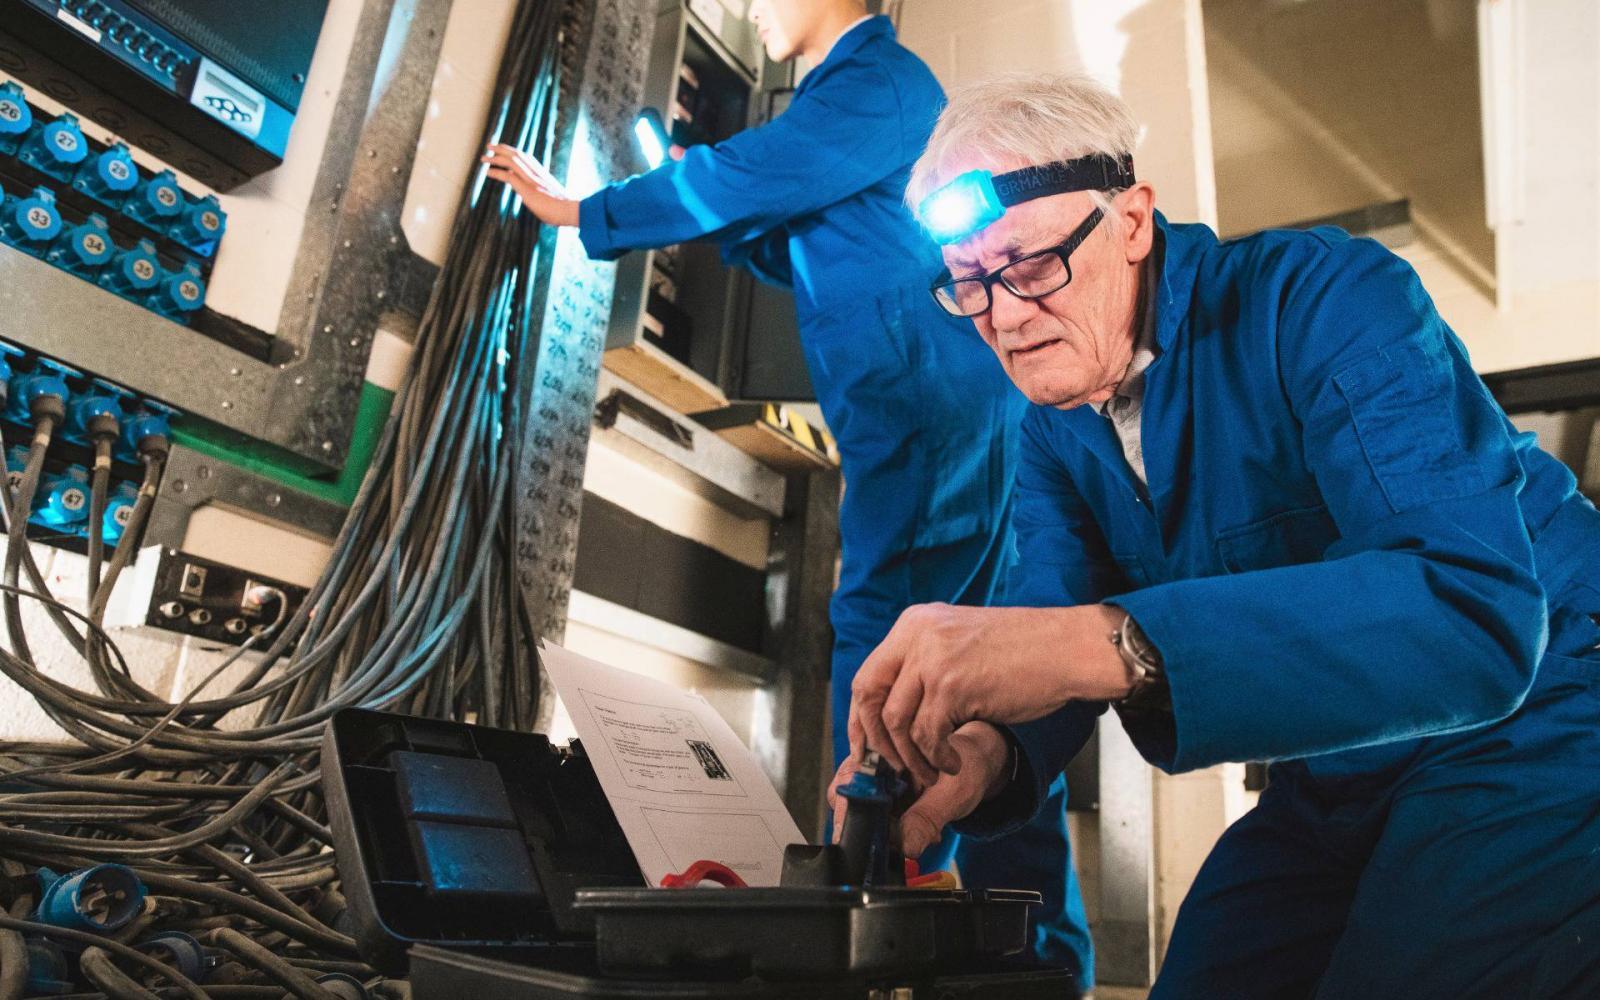 kereset az interneten a nyugdíjasok számára